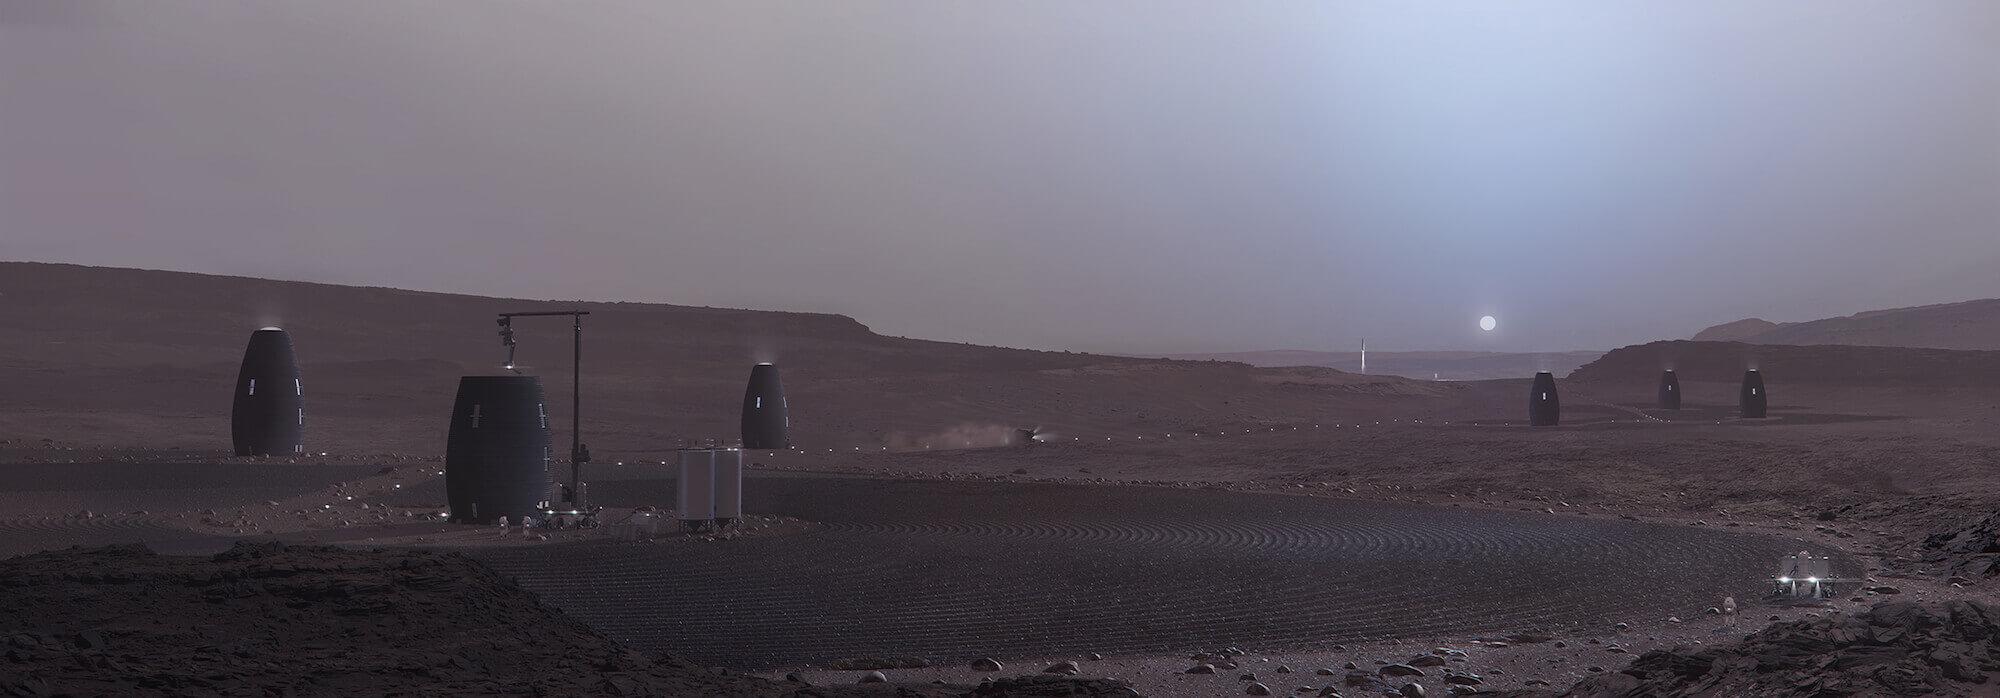 Ein Roboter sammelt auf Mars Werkstoffe für den weiteren Bau. Rendering mit freundlicher Genehmigung von AI SpaceFactory und Plomp.